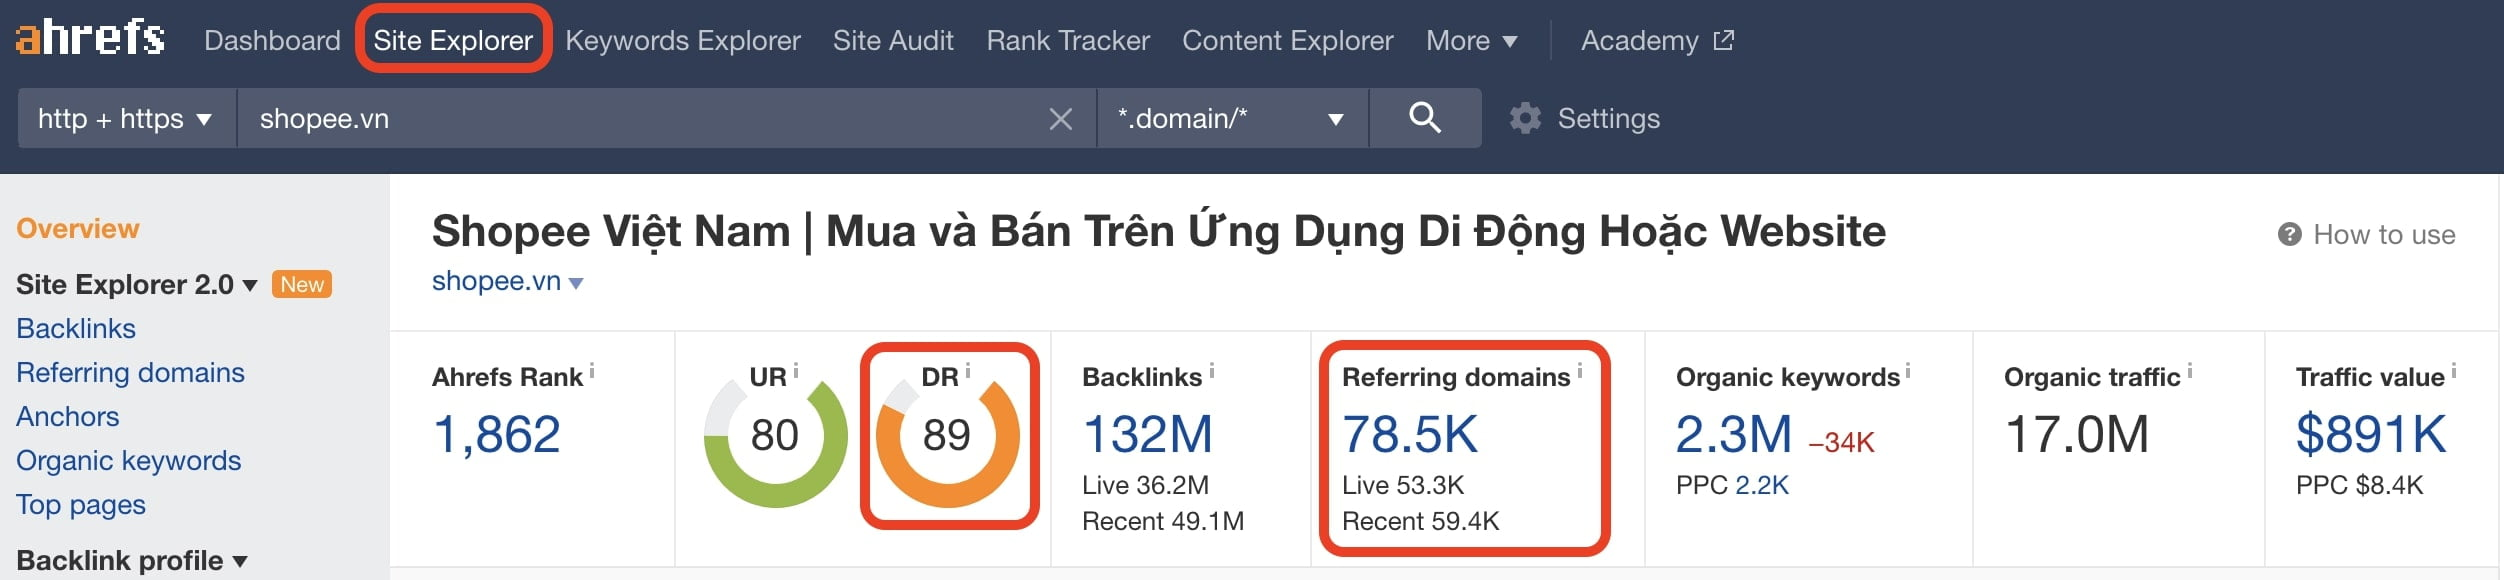 Site Explorer cũng hỗ trợ làm nội dung